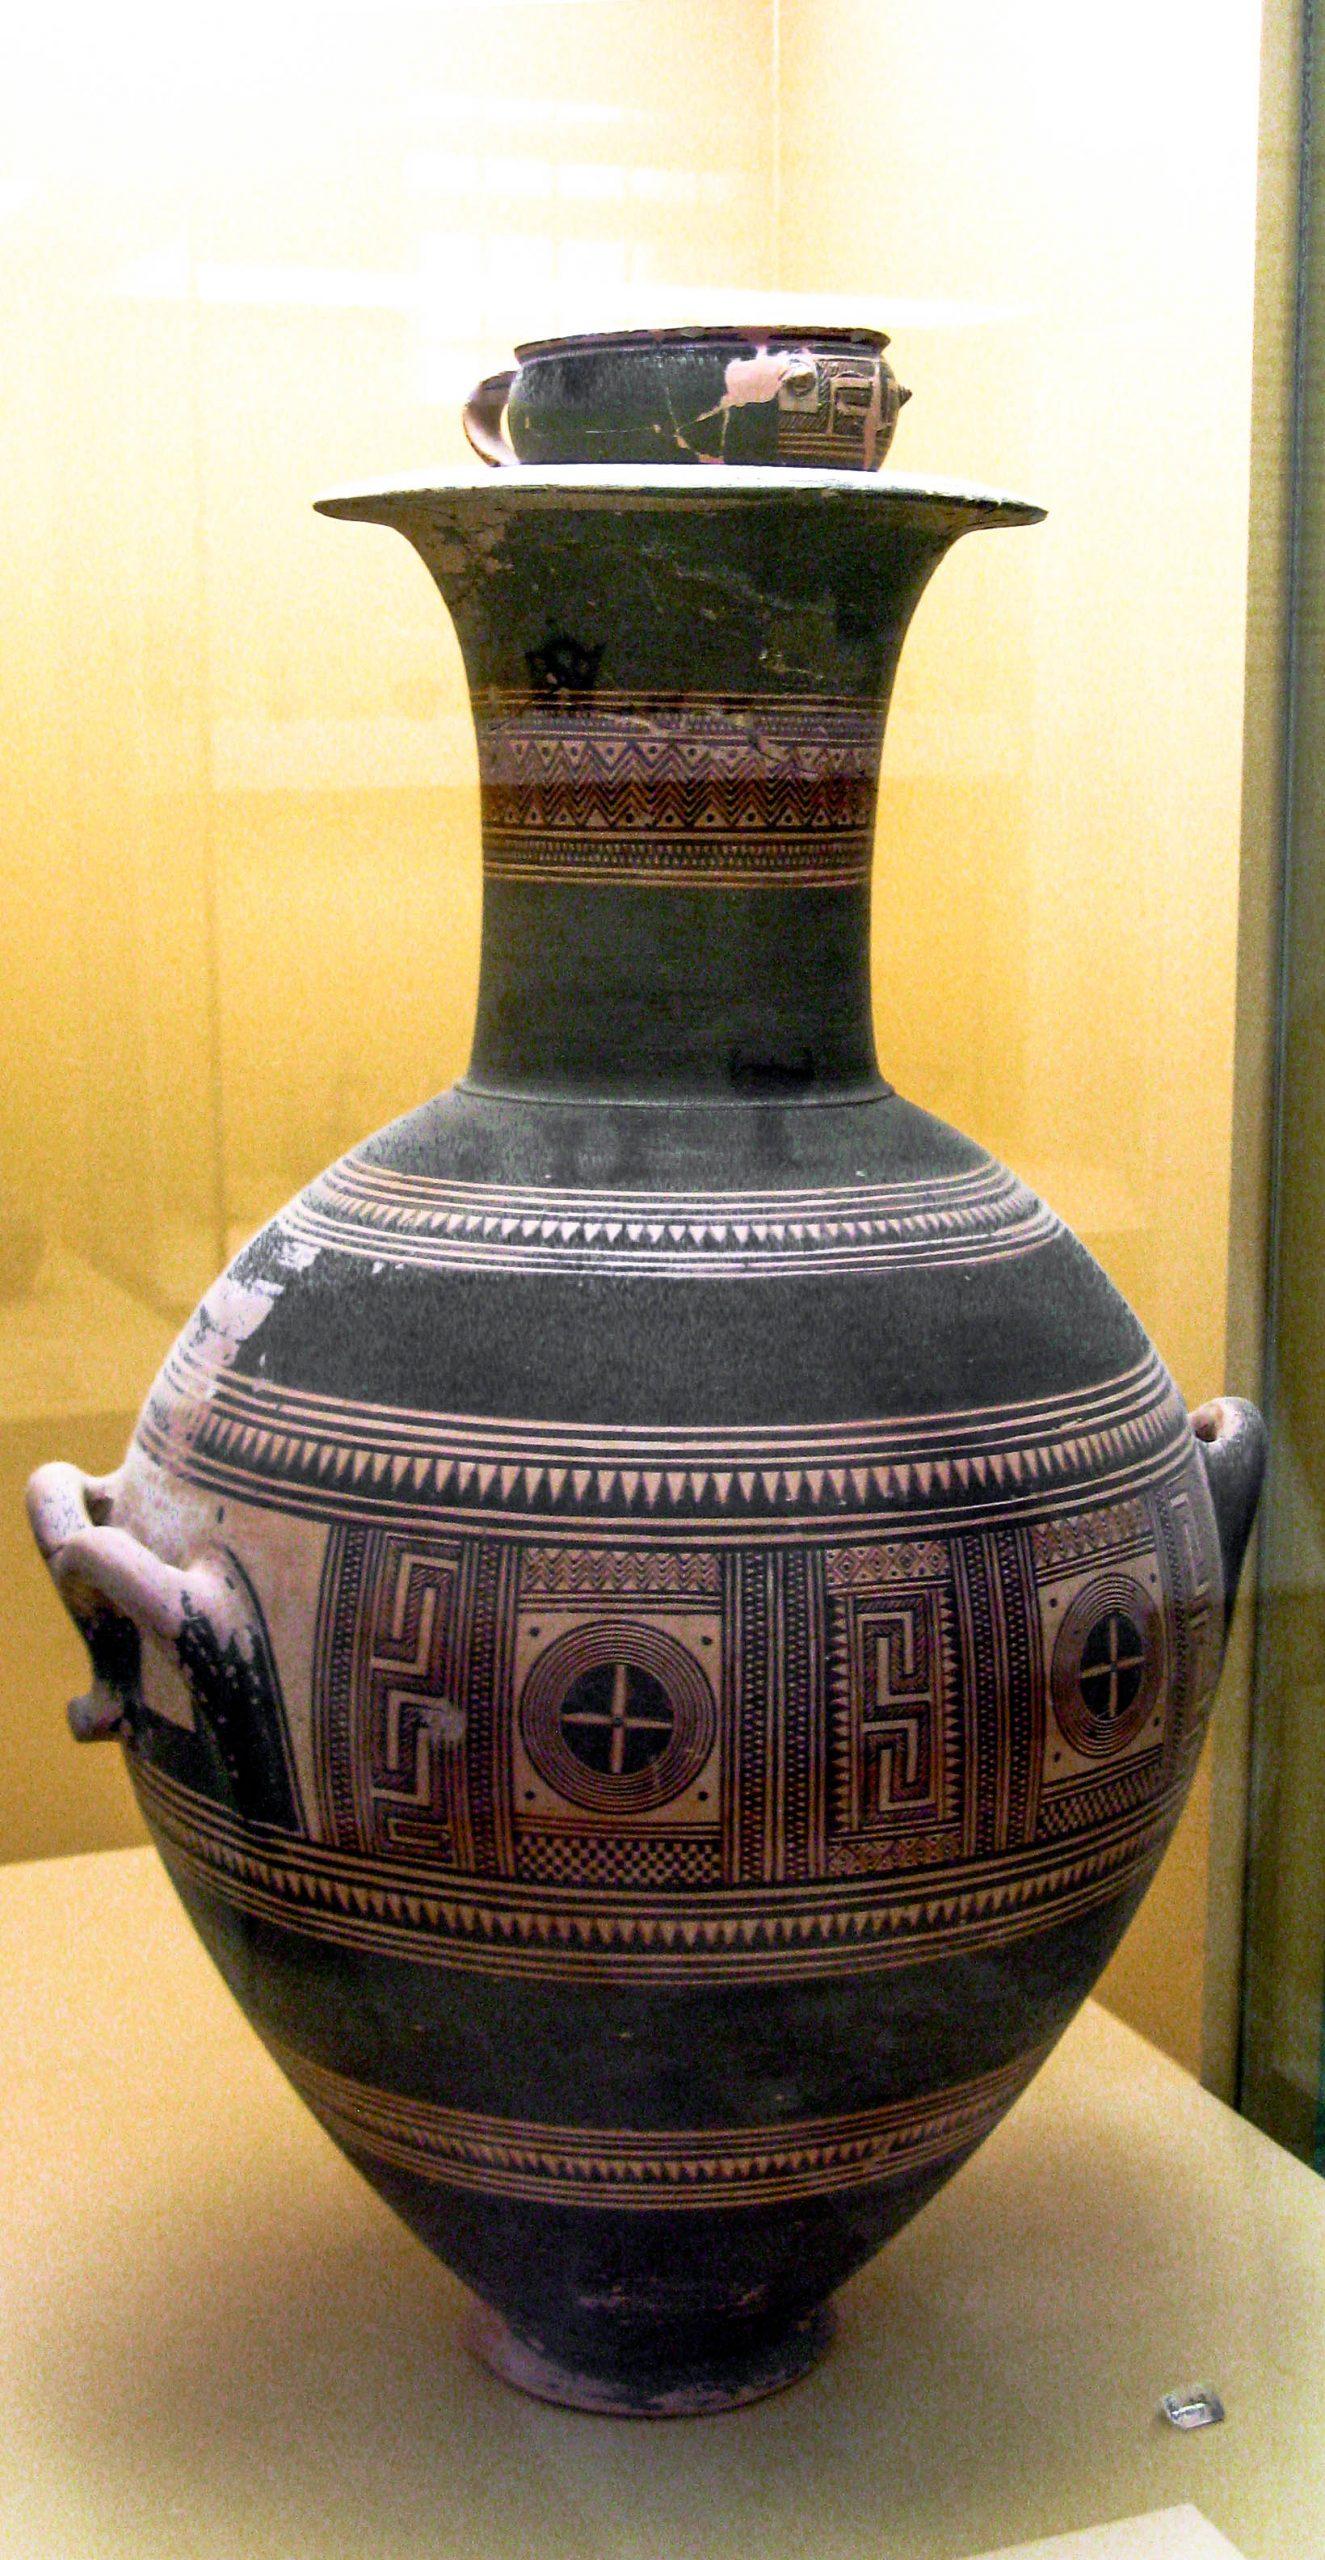 Urn (Guci) di era Yunani Kuno